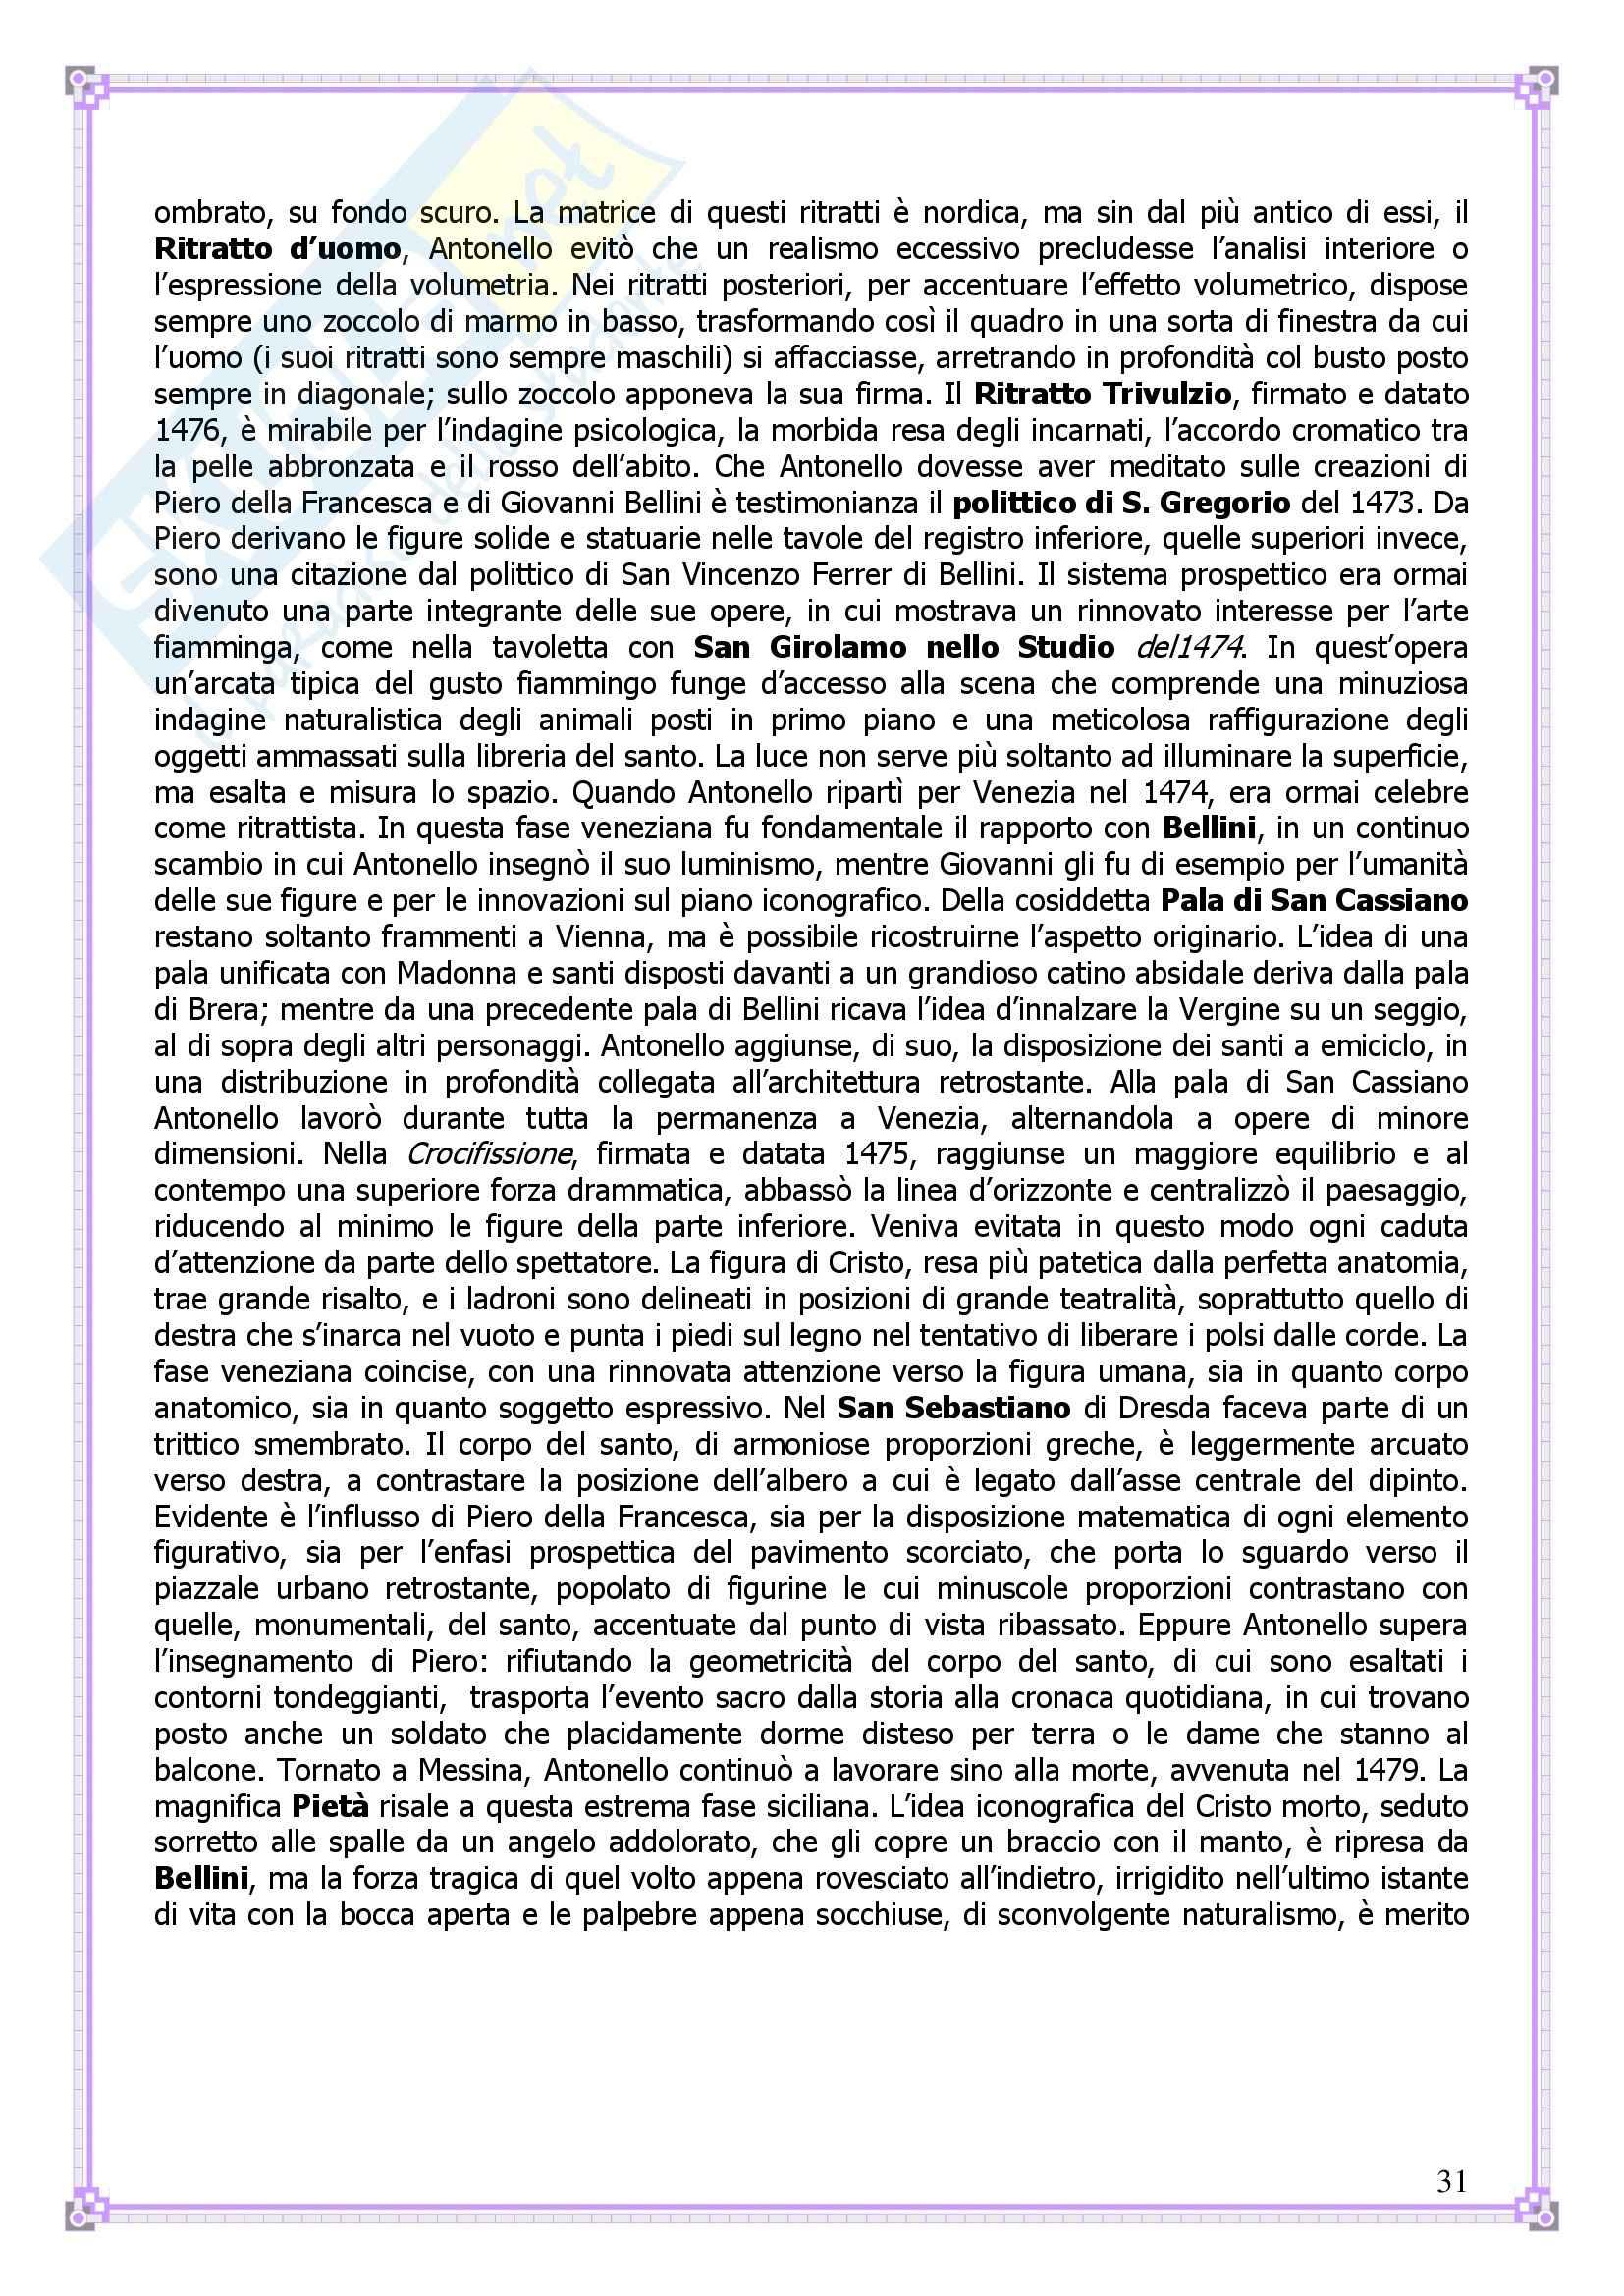 Lineamenti di Arte moderna: 400 e 500 - Appunti Pag. 31